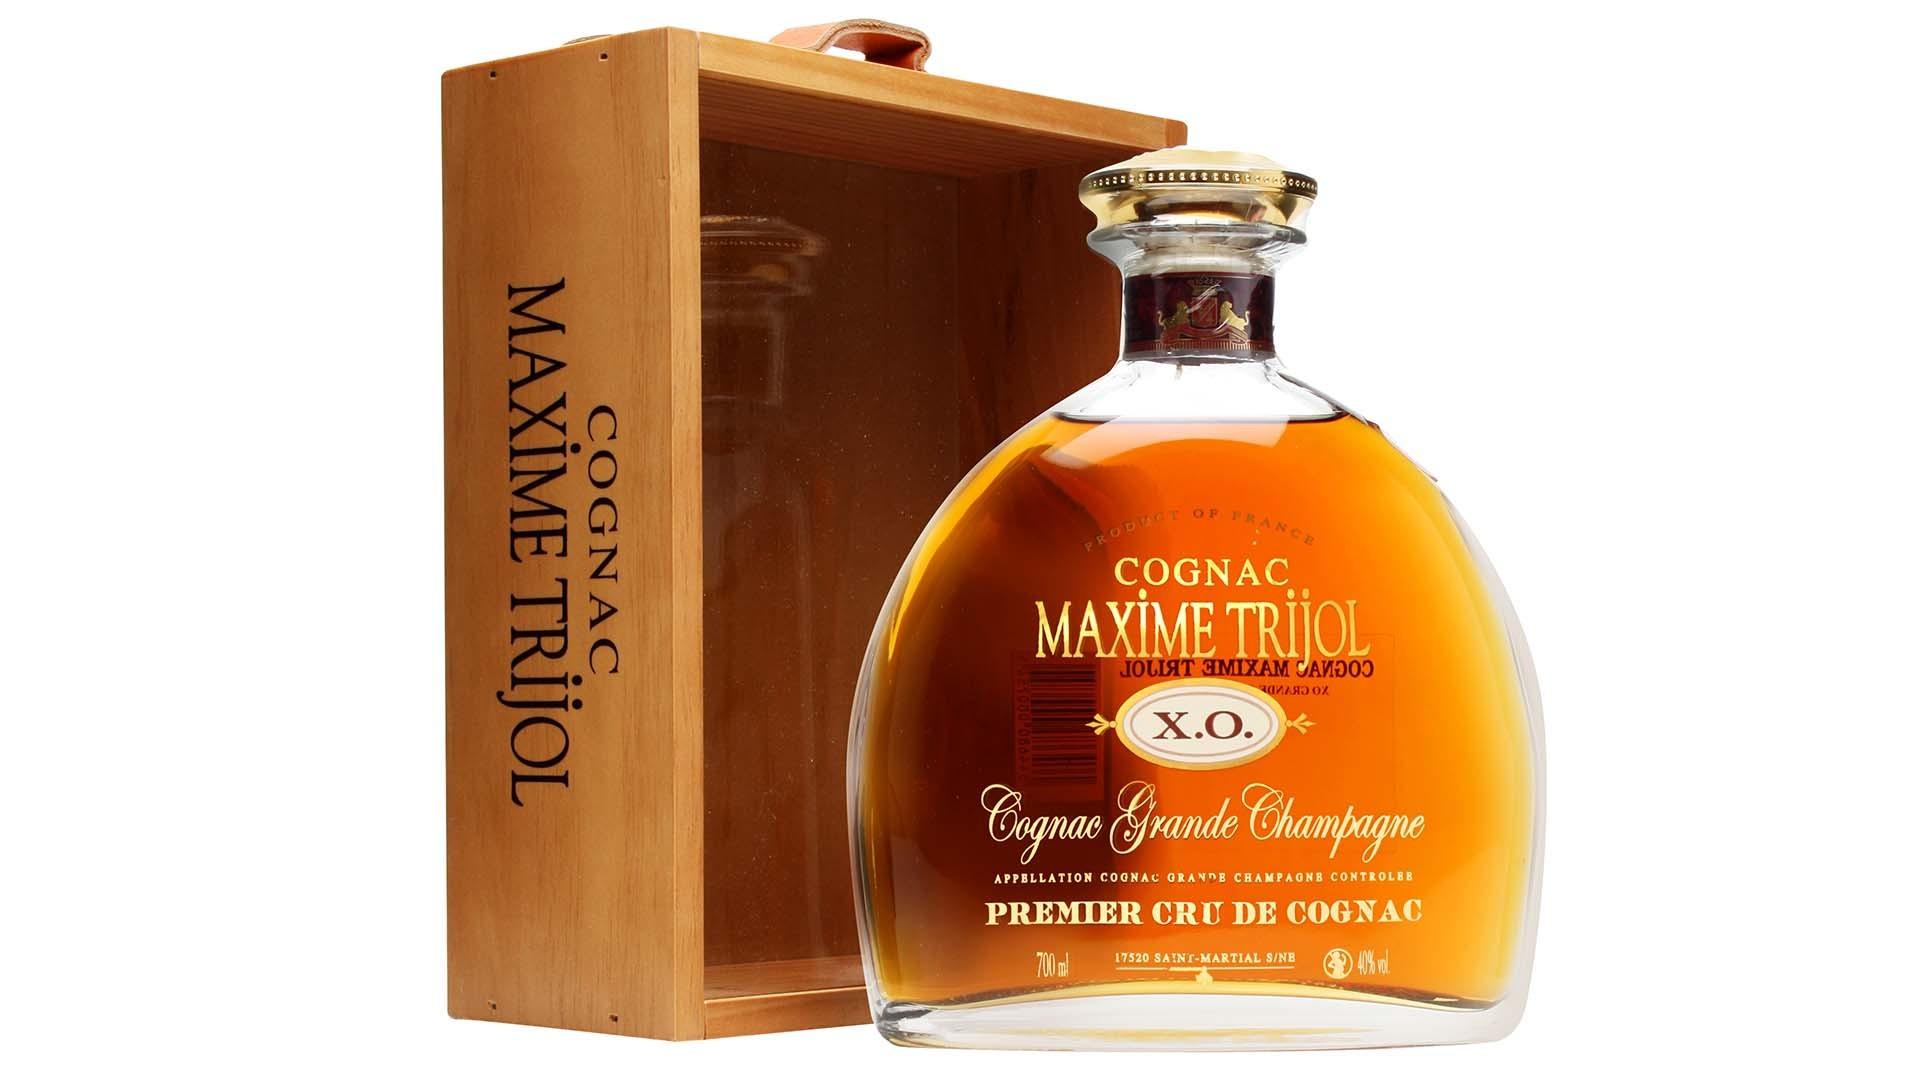 Maxime Trijol XO Grande Champagne Cognac